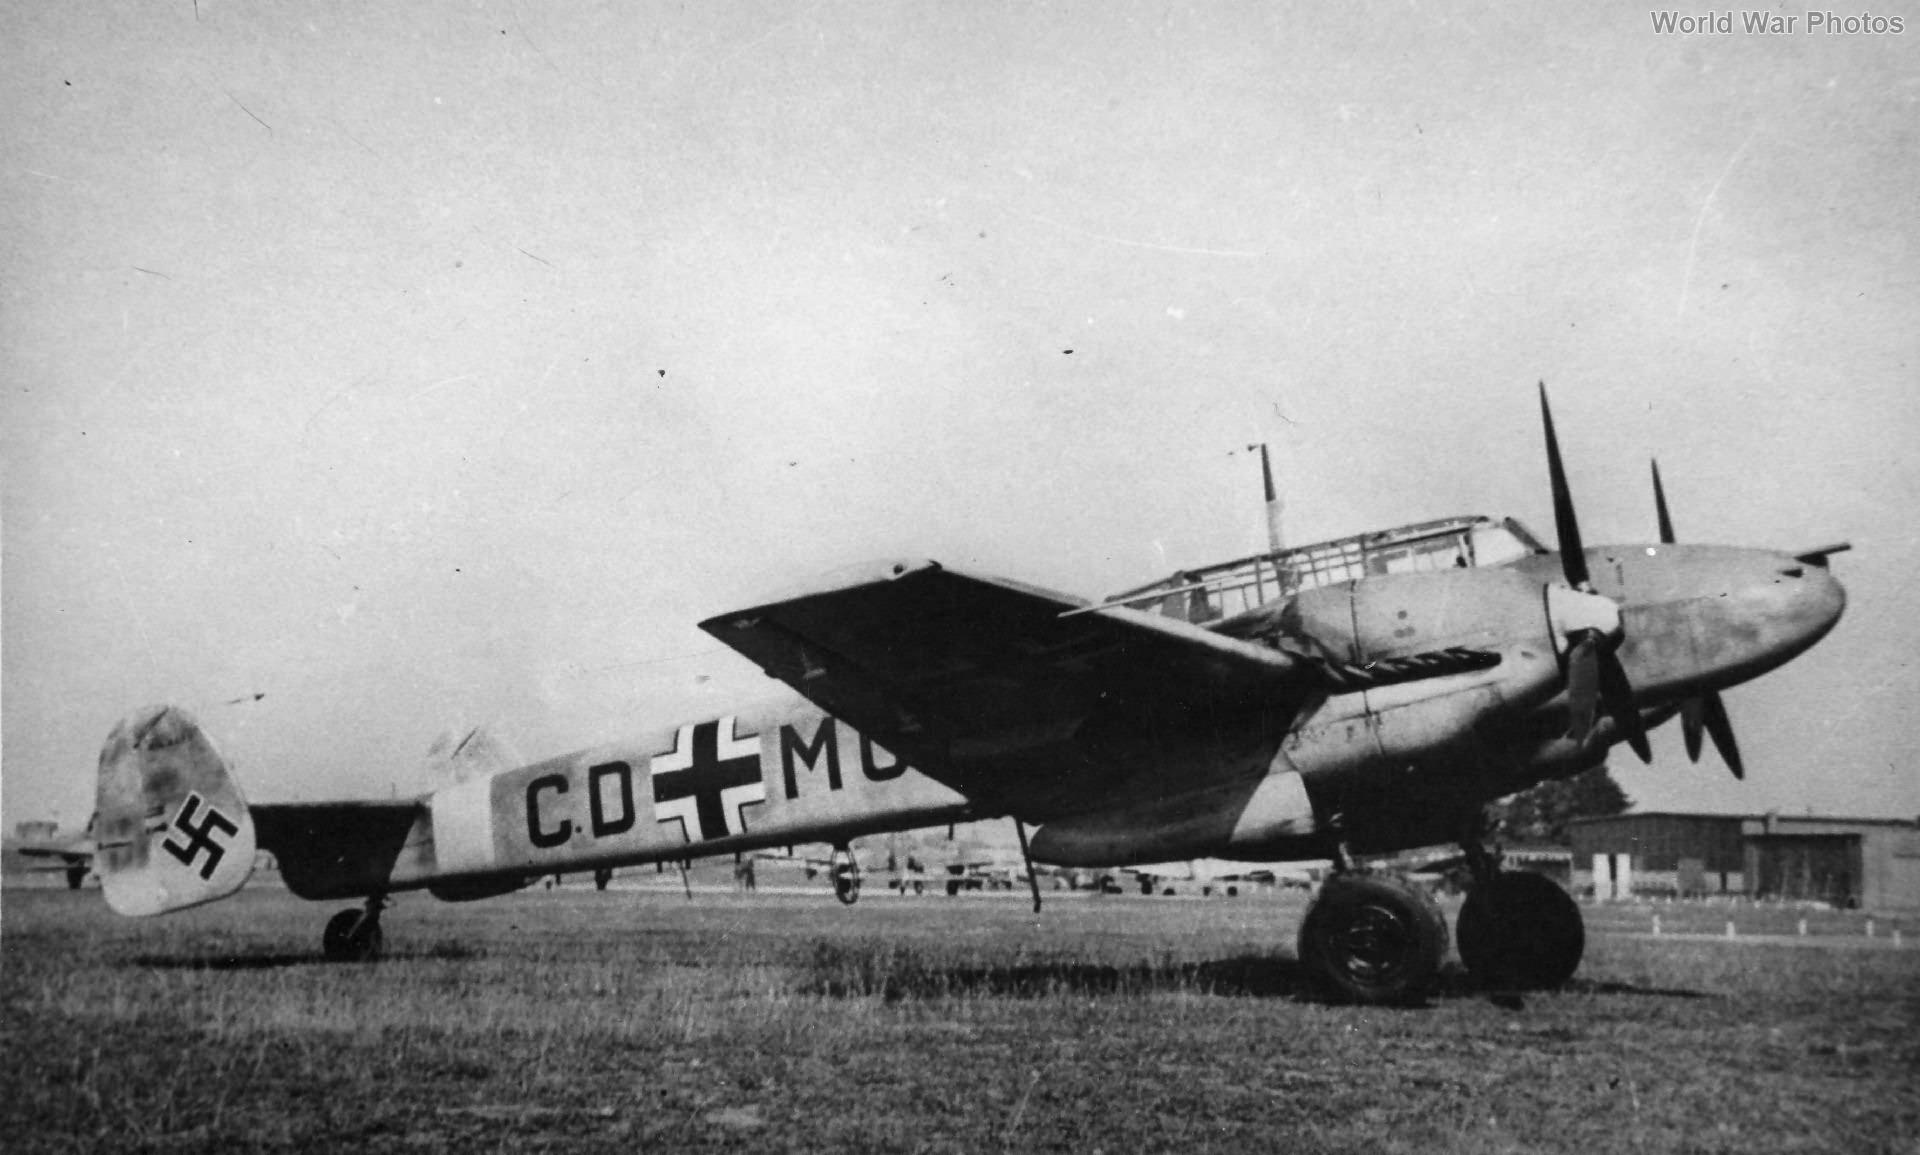 Messerschmitt Bf 110E CD+MO